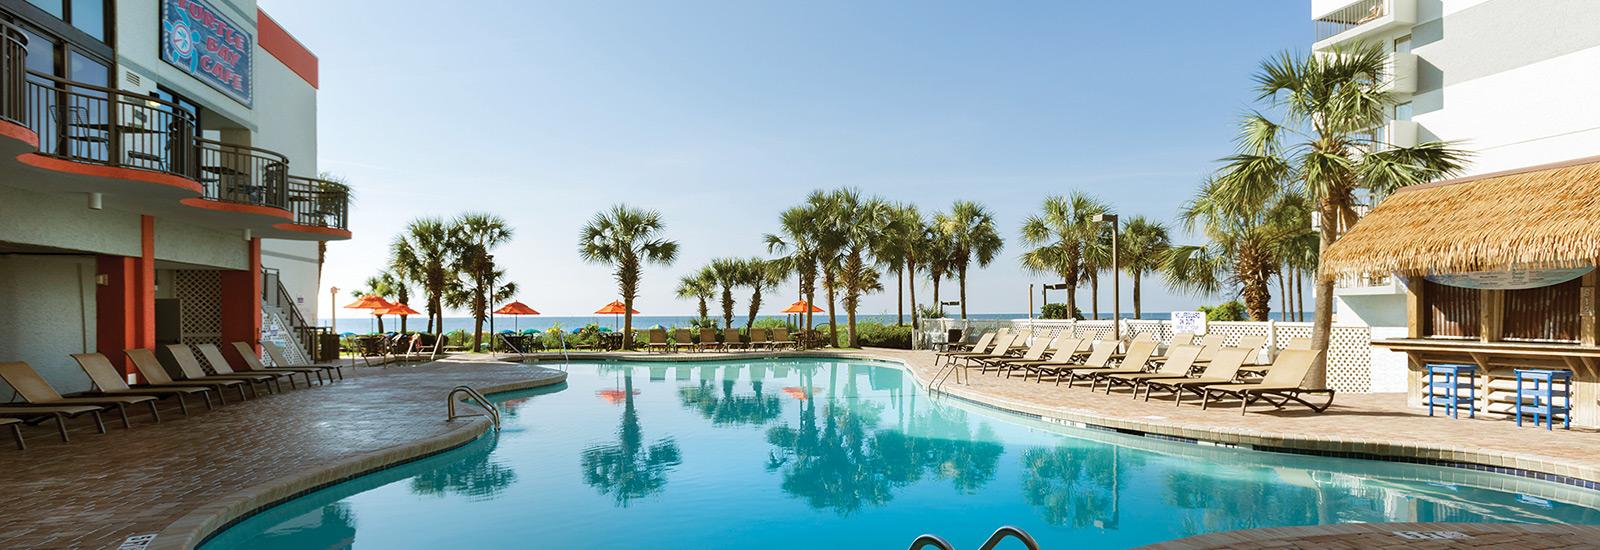 Grande Cayman Outdoor Pool